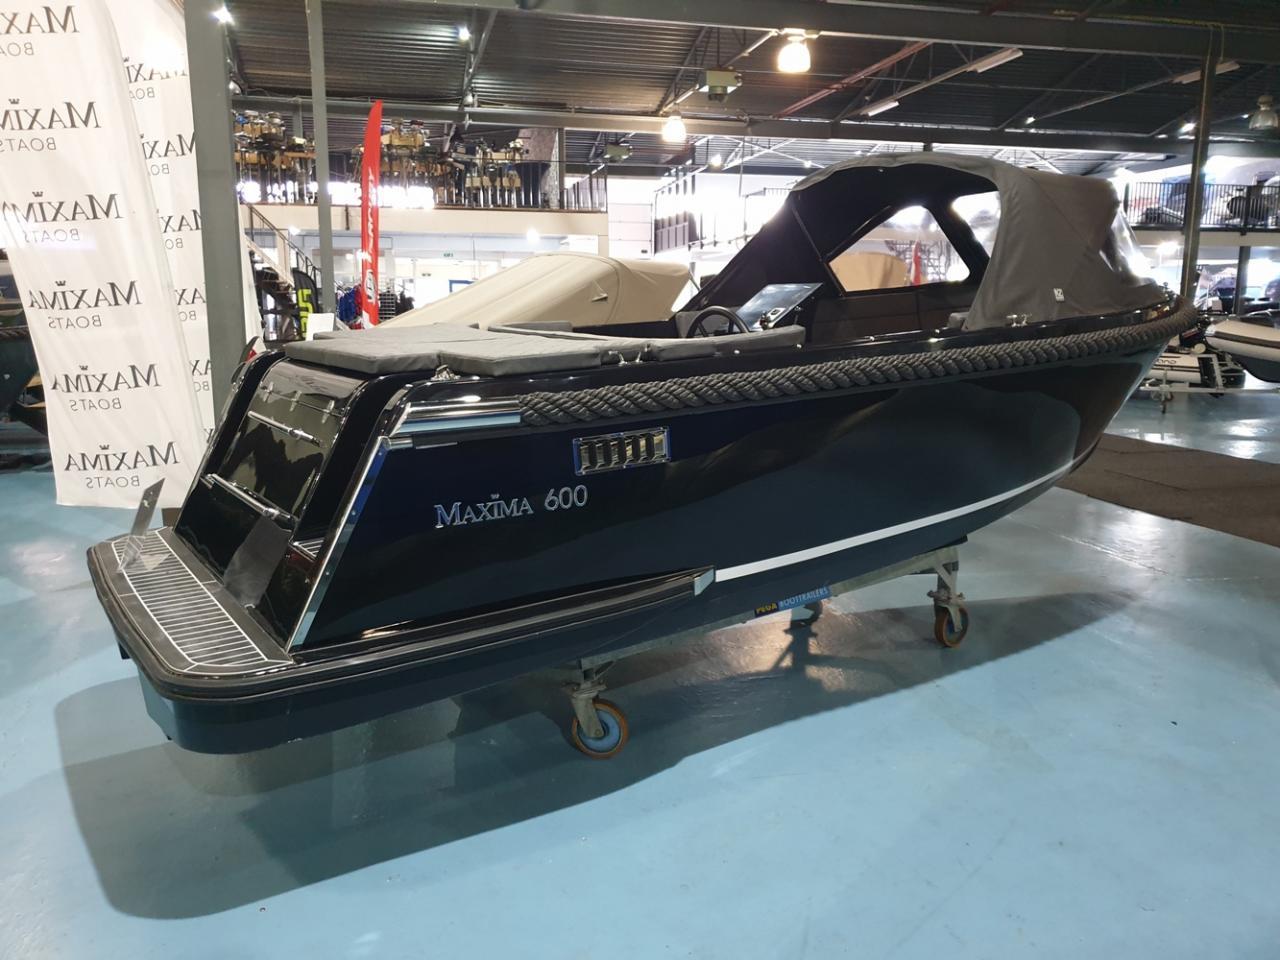 Maxima 600 tender met Honda 50 pk VAARKLAAR! 2